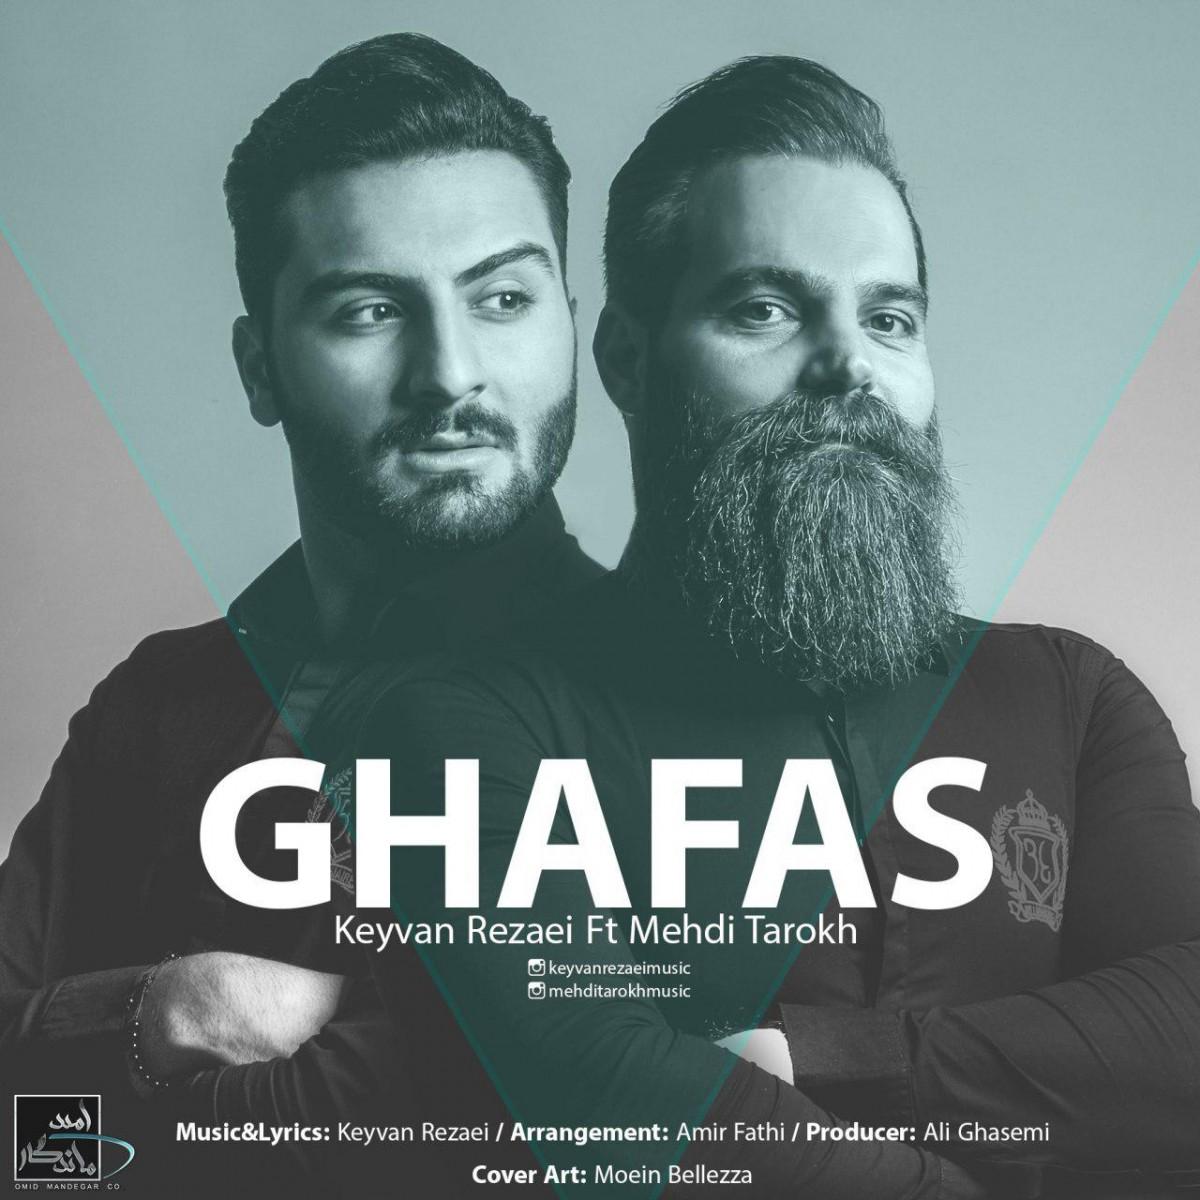 نامبر وان موزیک | دانلود آهنگ جدید Keyvan-Rezaei-Ghafas-Ft-Mehdi-Tarokh